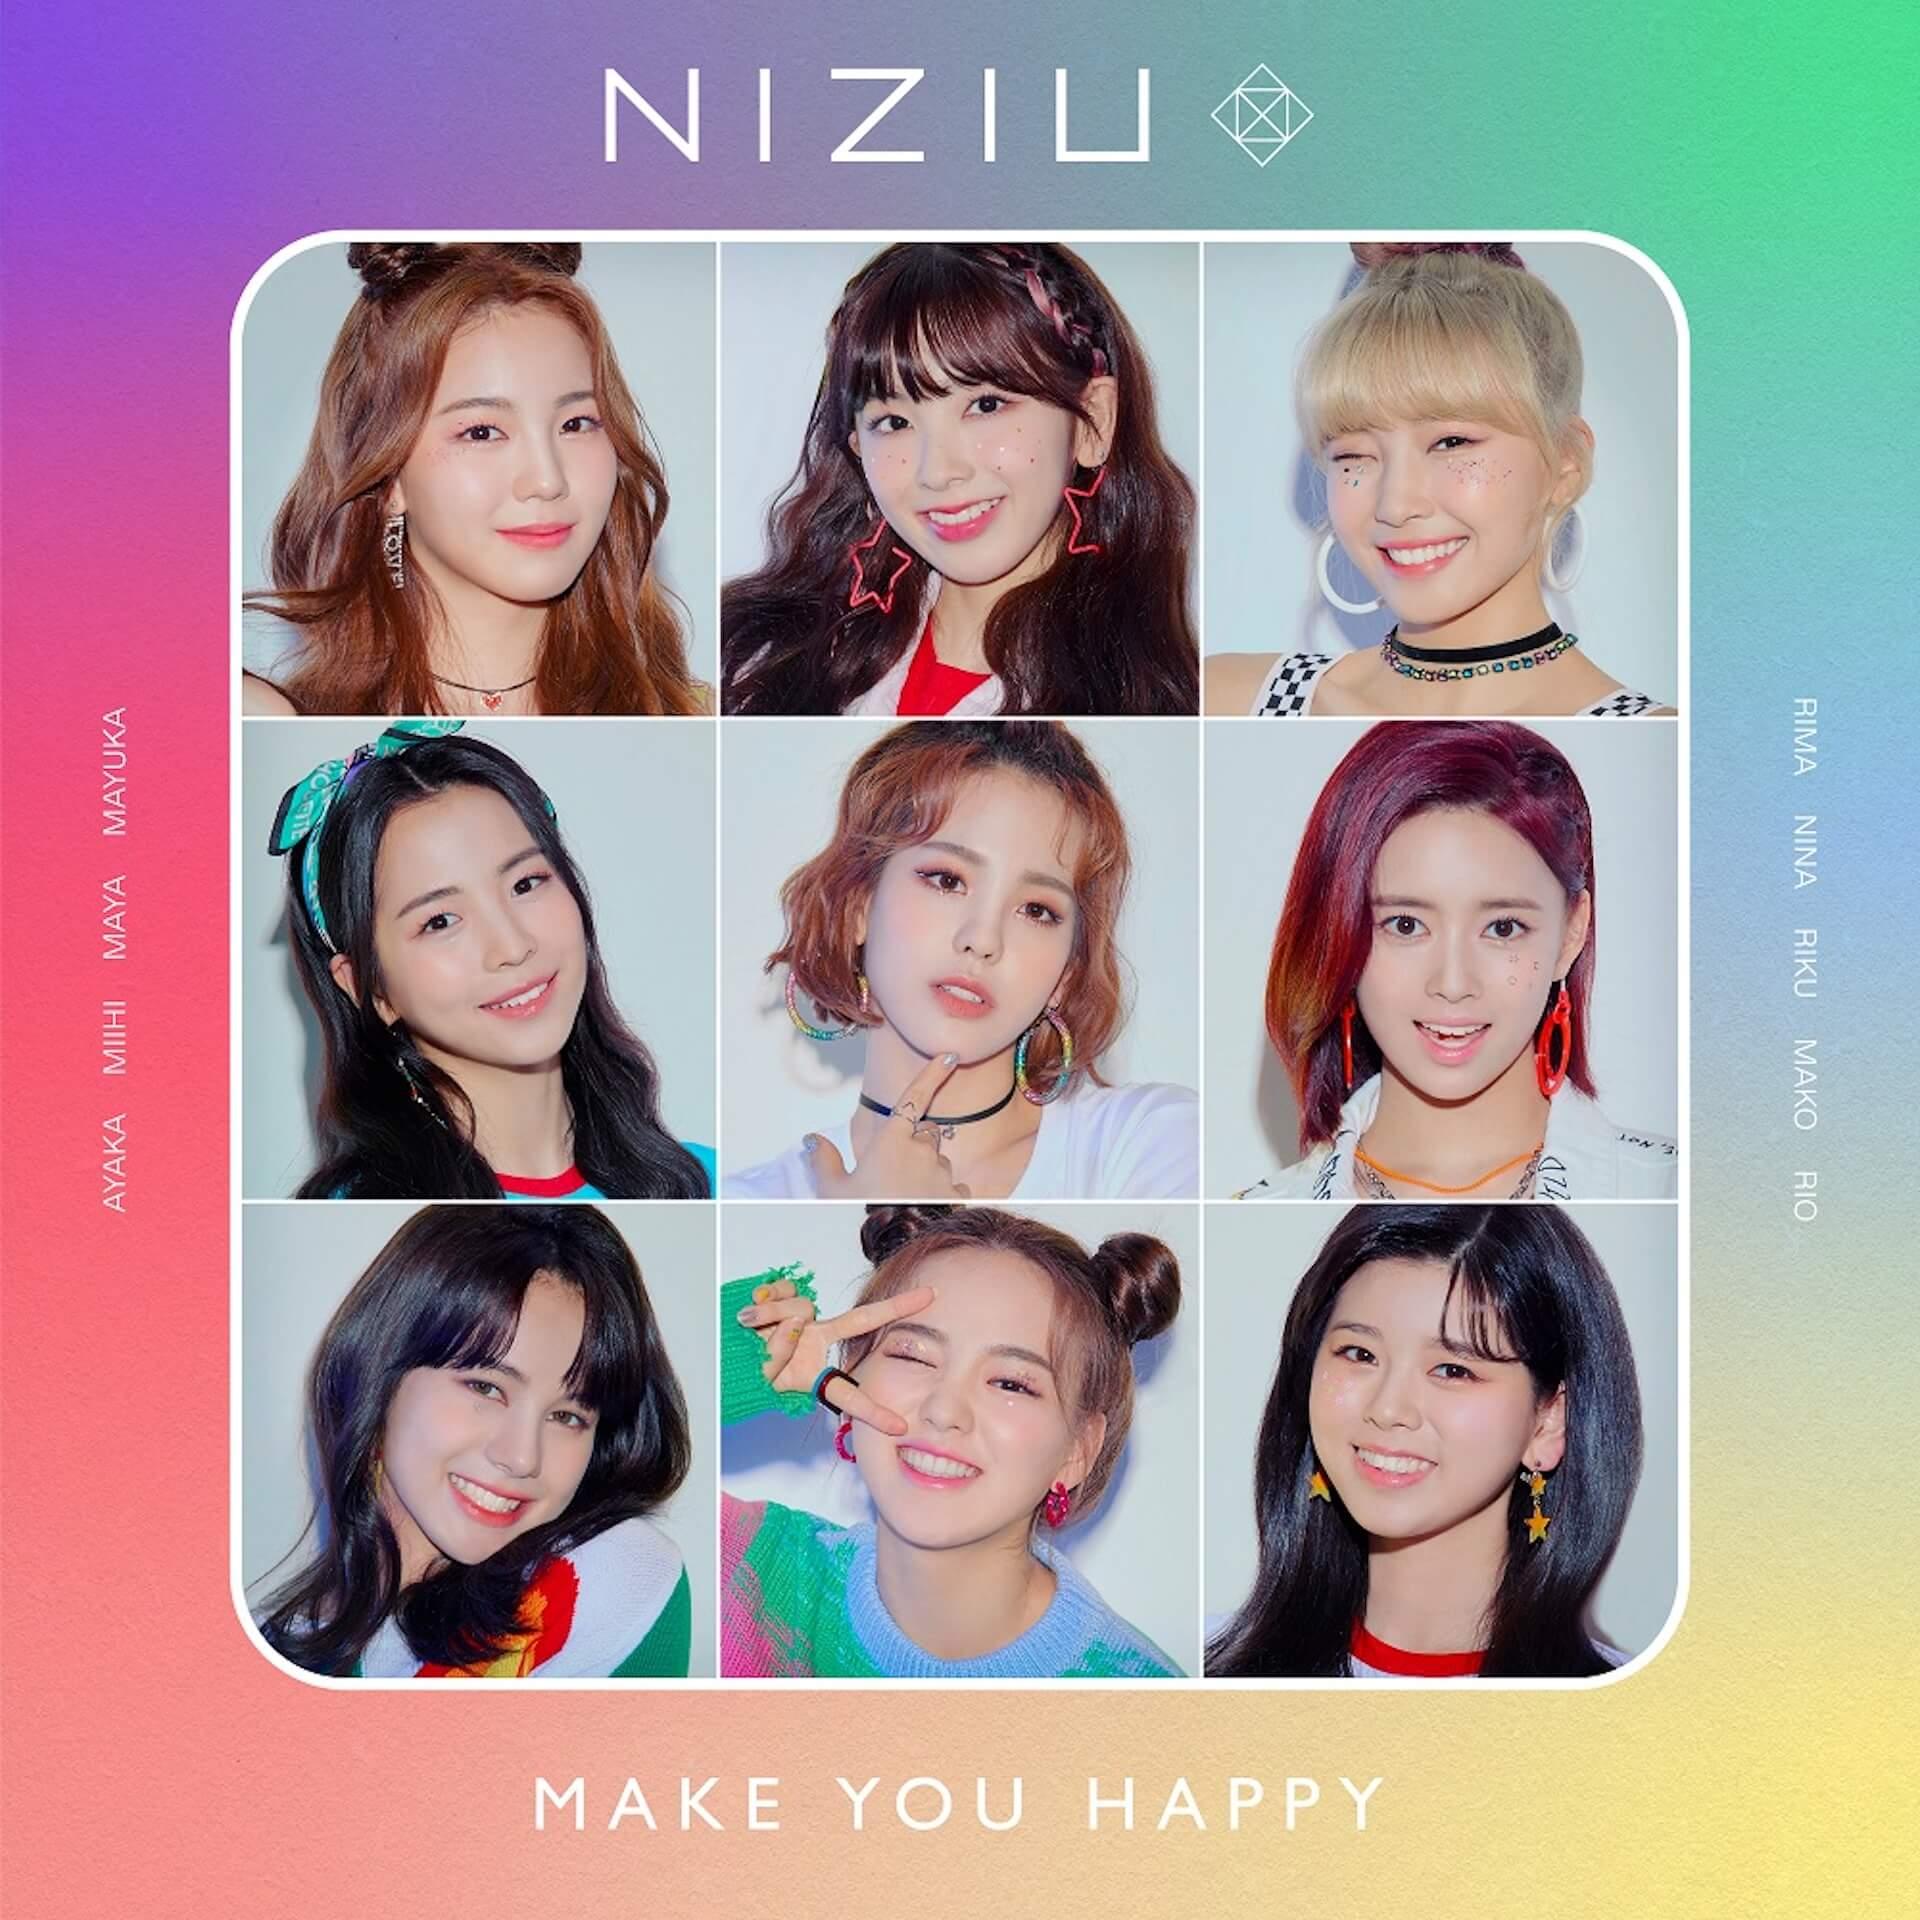 本日完結のNizi Projectから新グループNiziUが誕生!ミニアルバムで急遽プレデビュー決定 music200626_niziu_3